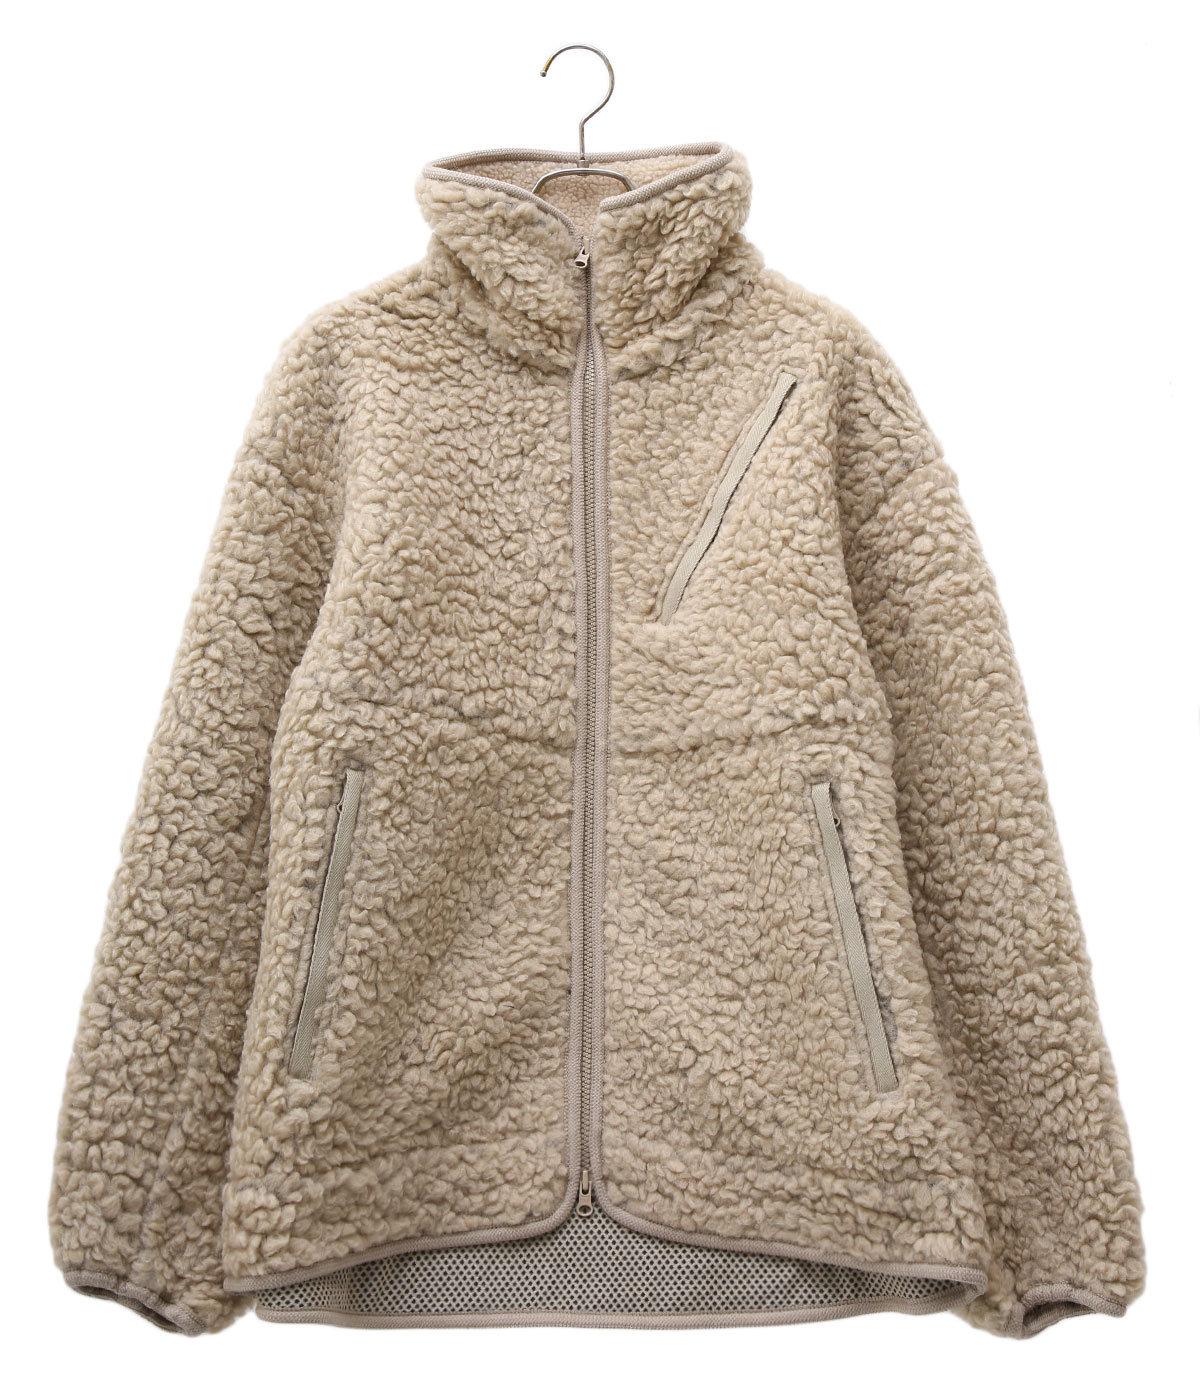 Wool Boa Fleece Field Jacket